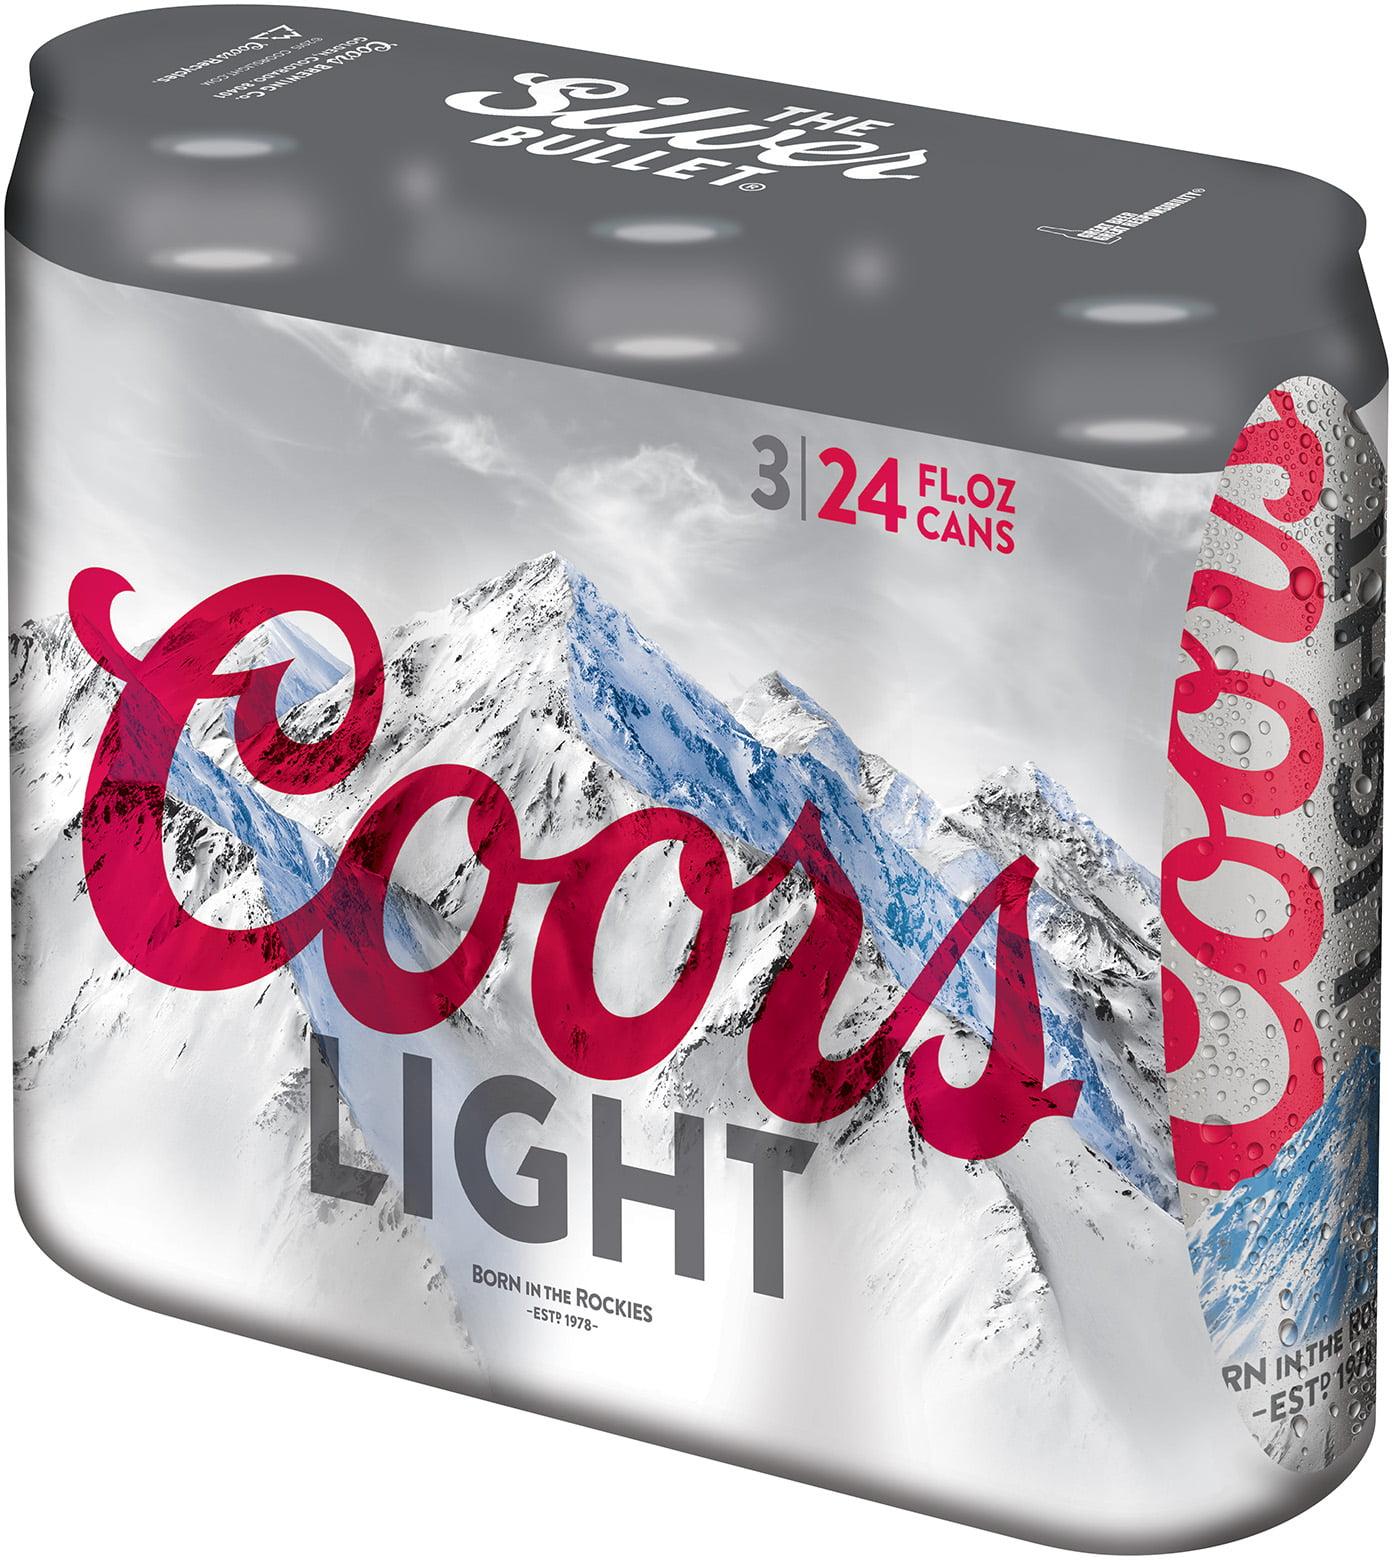 Coors Light Lager Beer, 24 Pack, 12 Fl. Oz. Cans, 4.2% ABV   Walmart.com